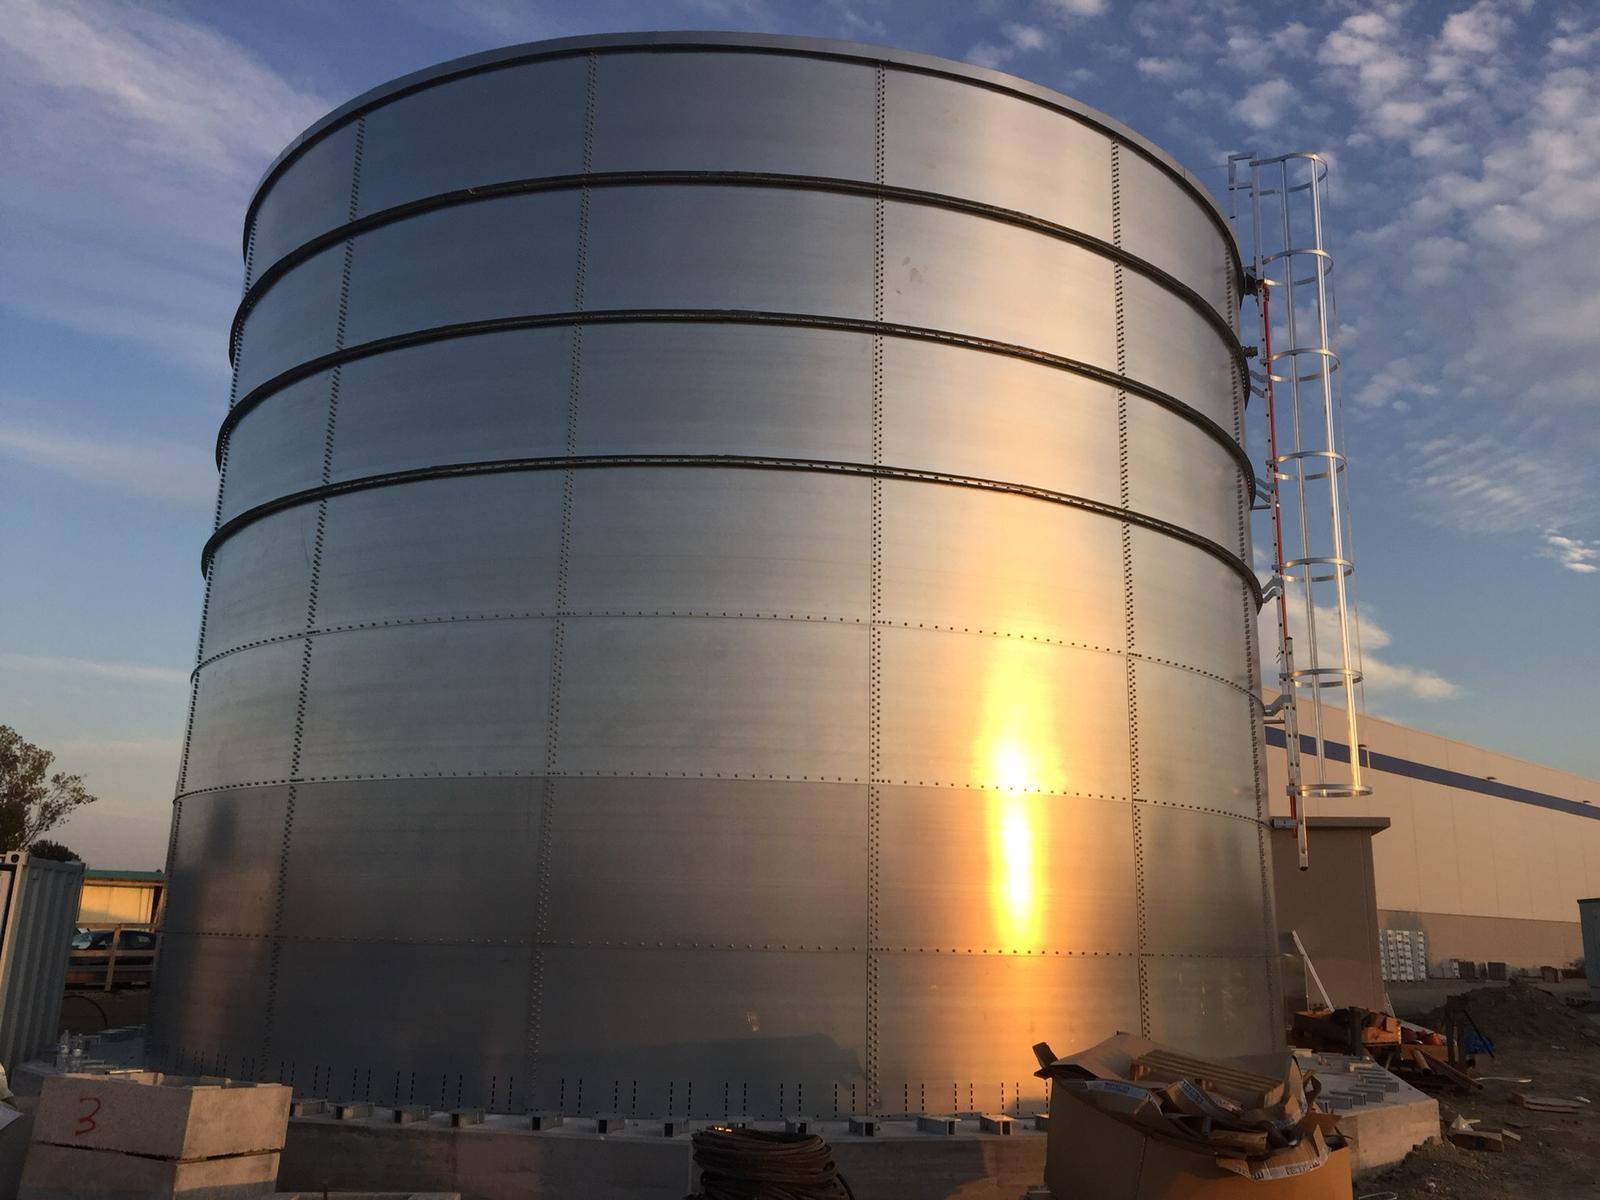 Tanques de Agua y Almacenamiento: Instalación y mantenimiento